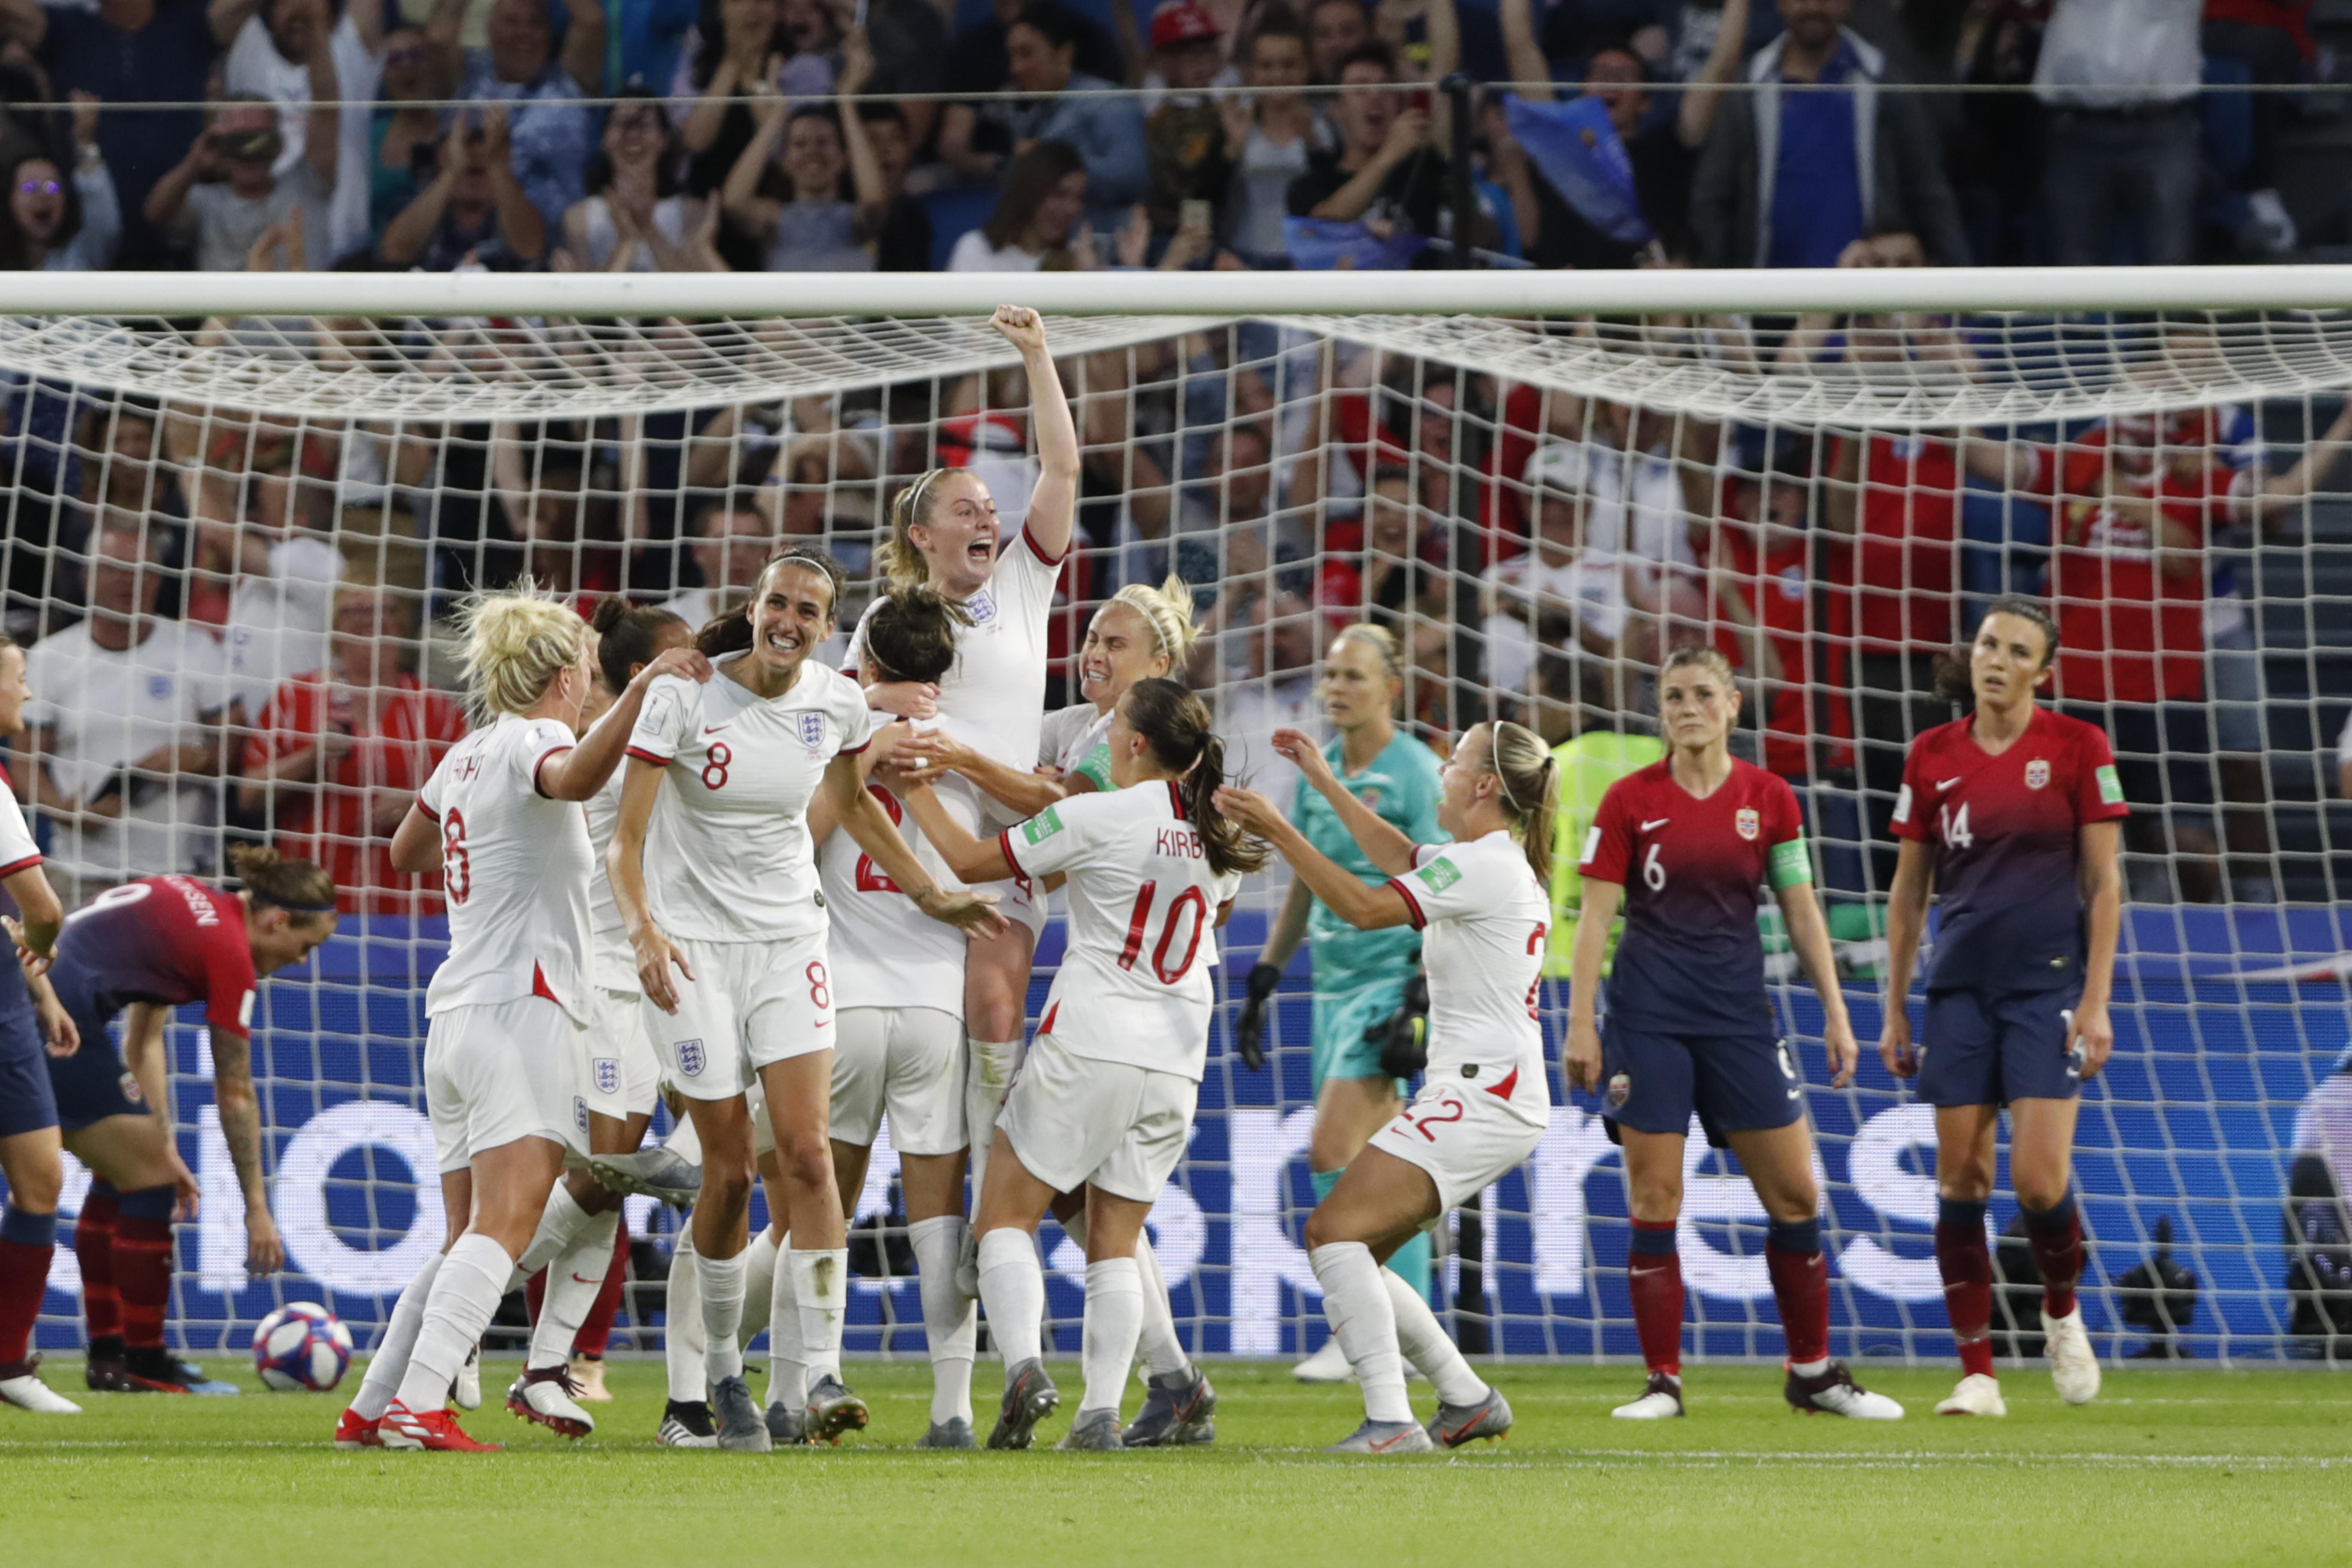 c2404bff ... og Ingrid Syrstad Engen ser England juble etter 0-3-målet under  kvarfinalen mellom Norge og England på Stade Océane under fotball-VM 2019 i  Frankrike.